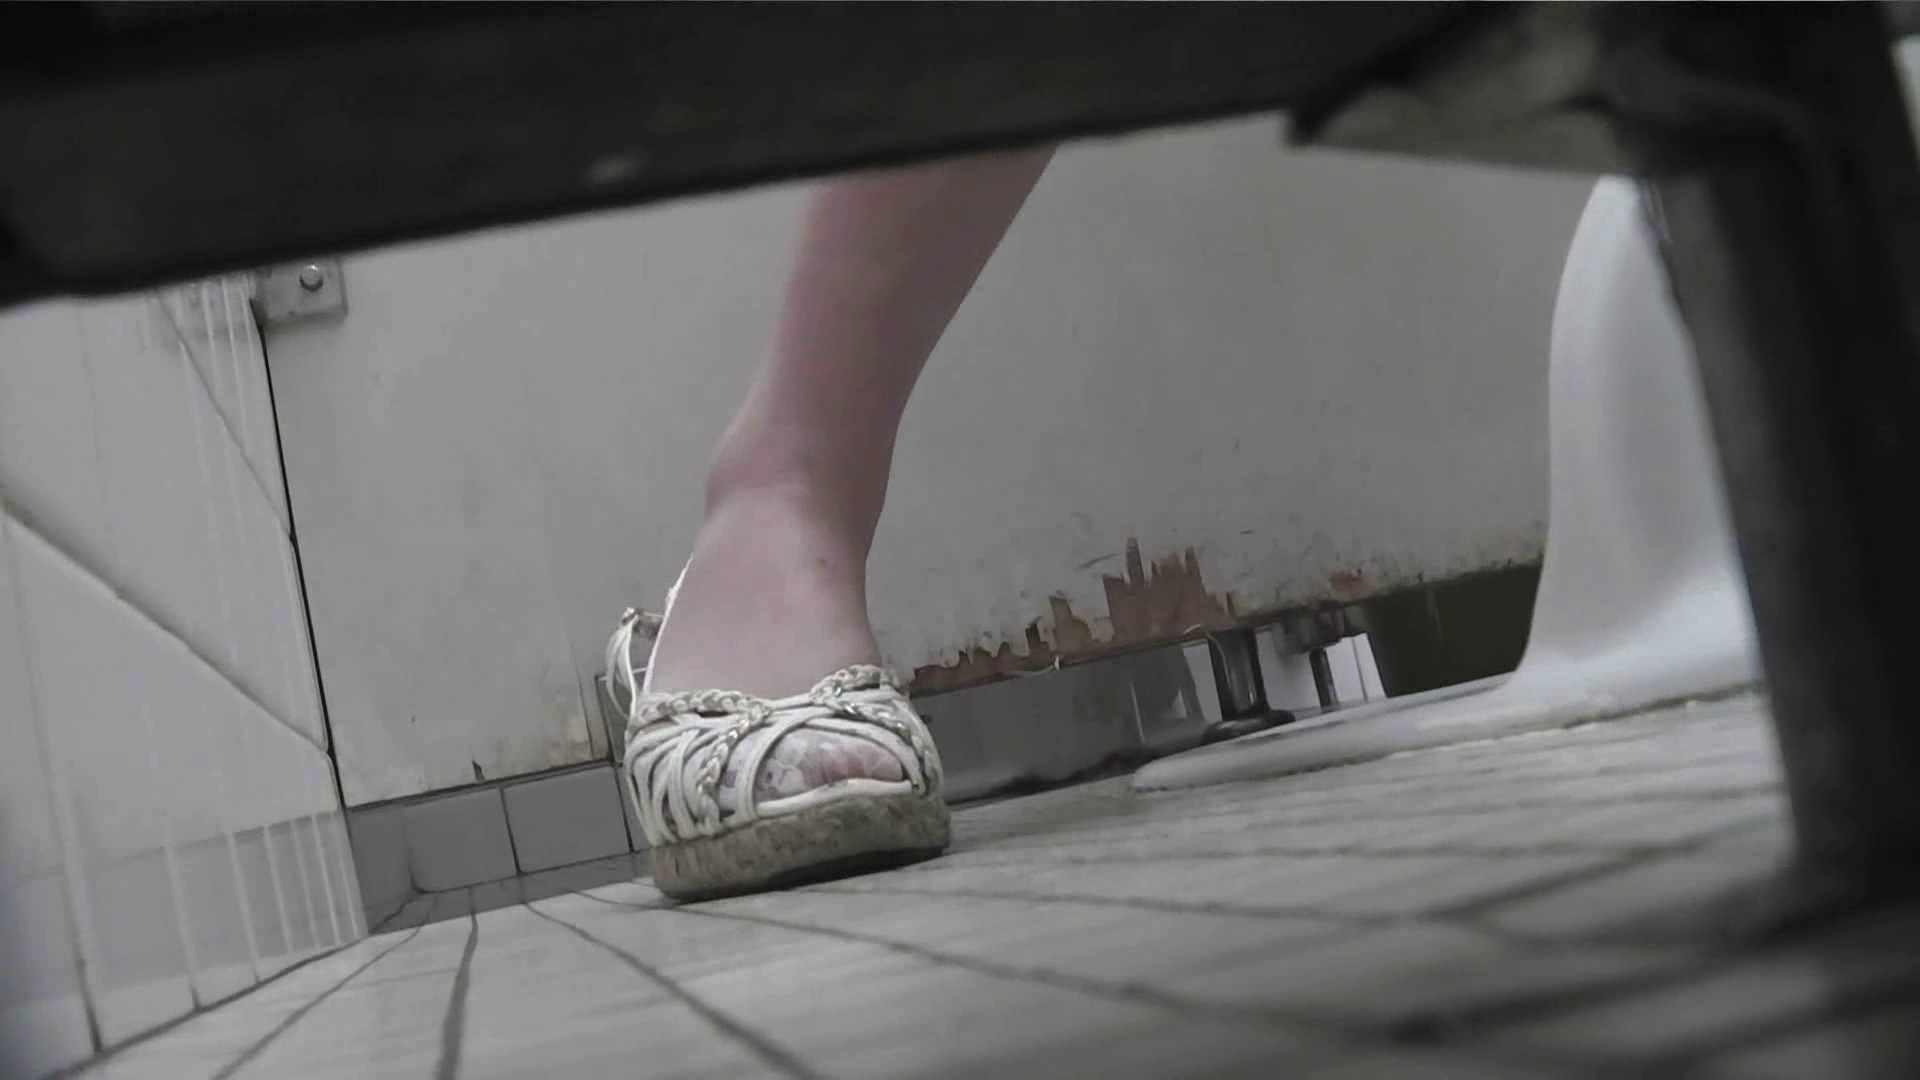 【美しき個室な世界】 vol.023 めんこい人たち 洗面所  104pic 18